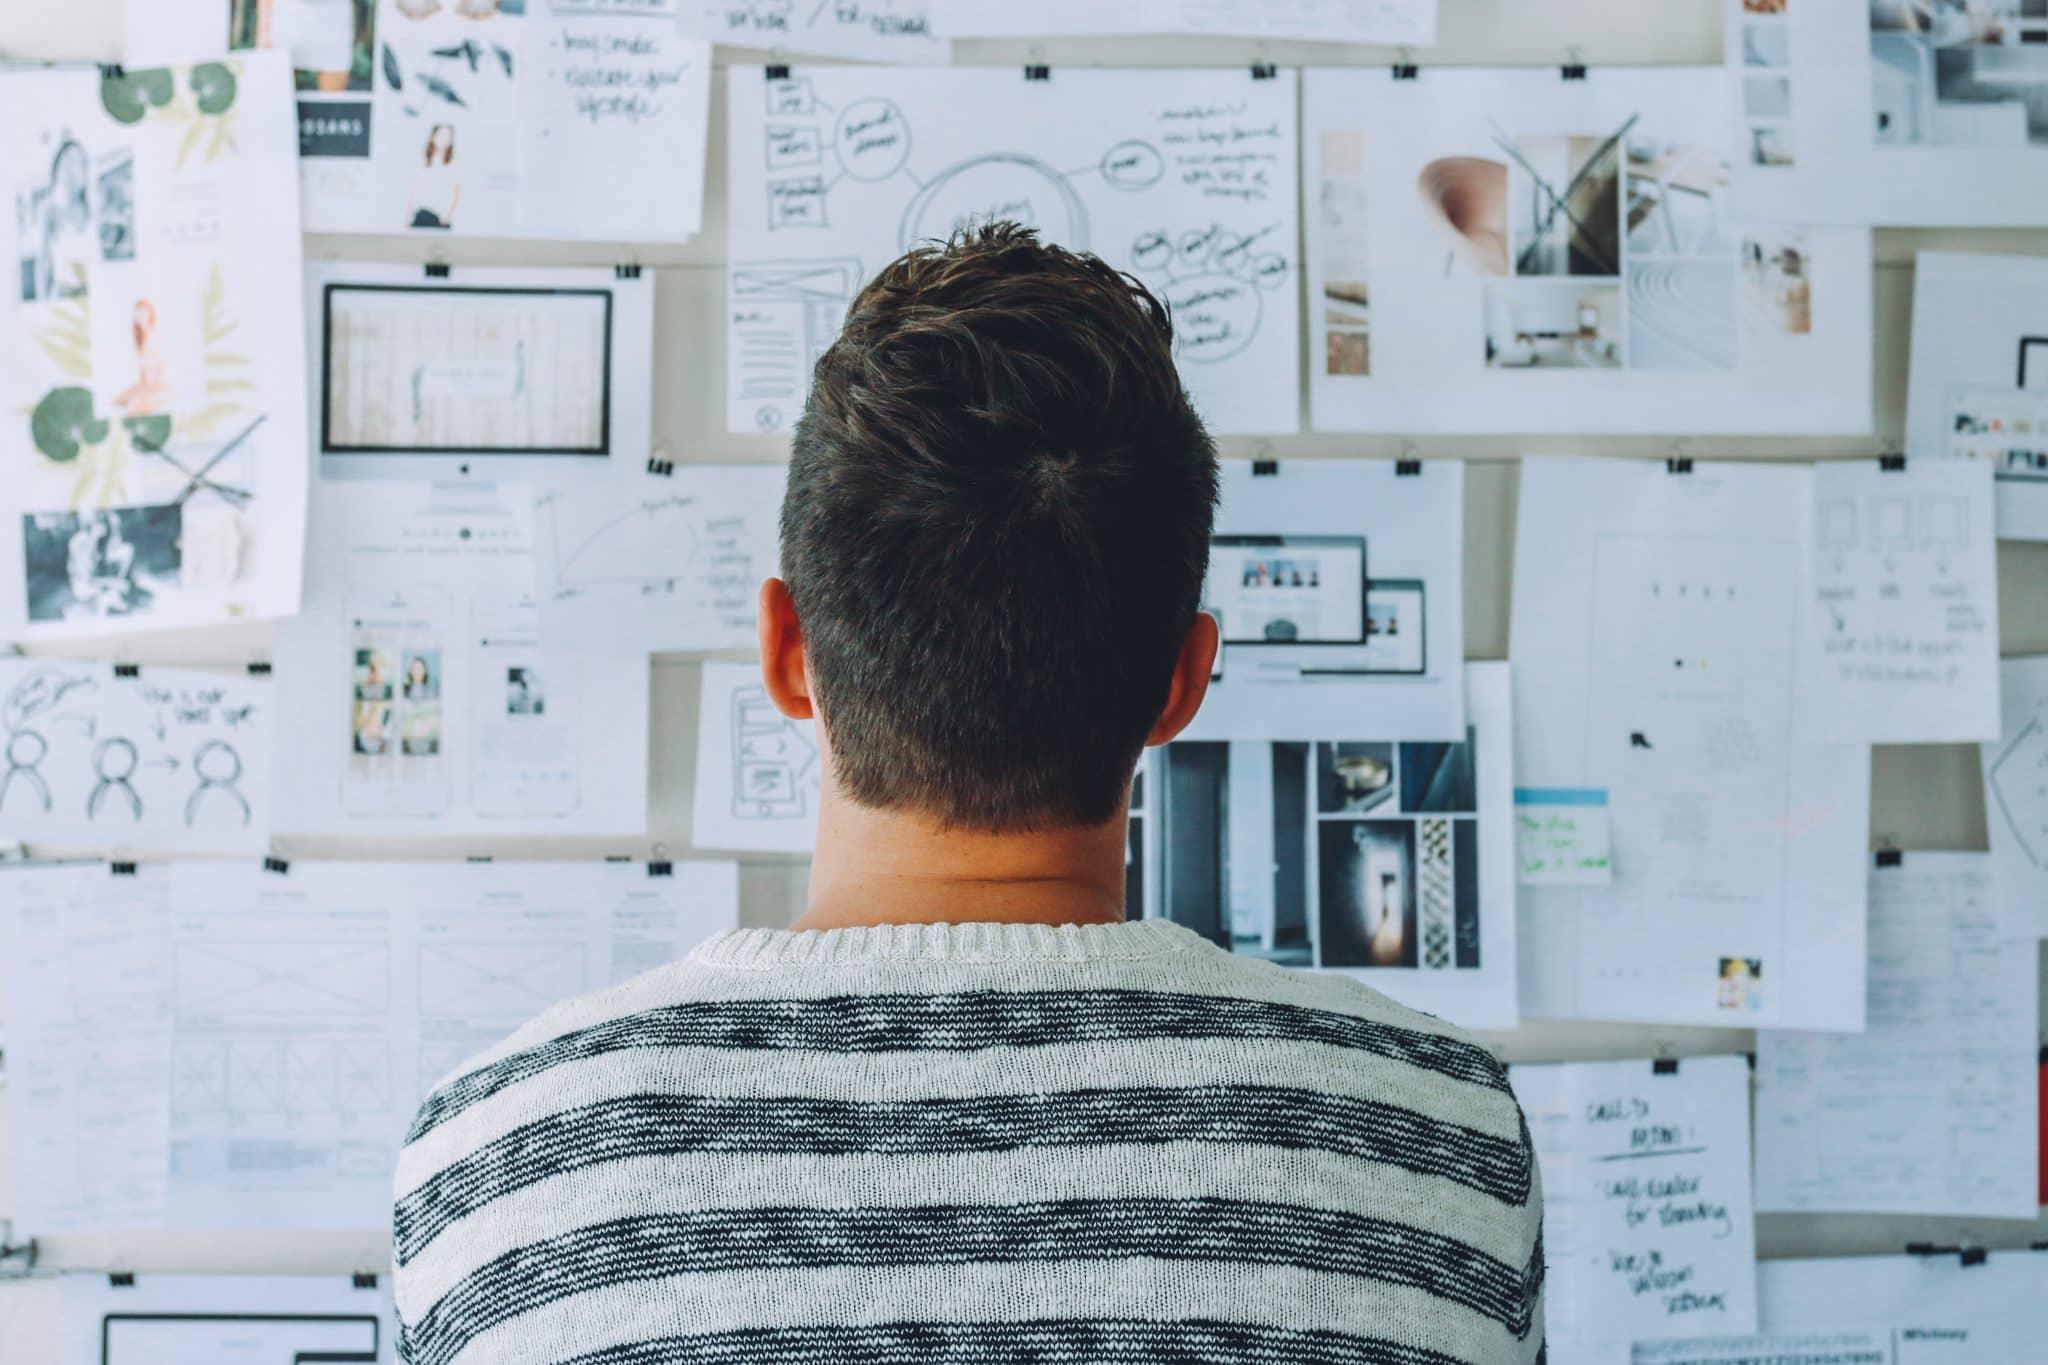 Le Design Thinking : les mots d'une nouvelle méthode